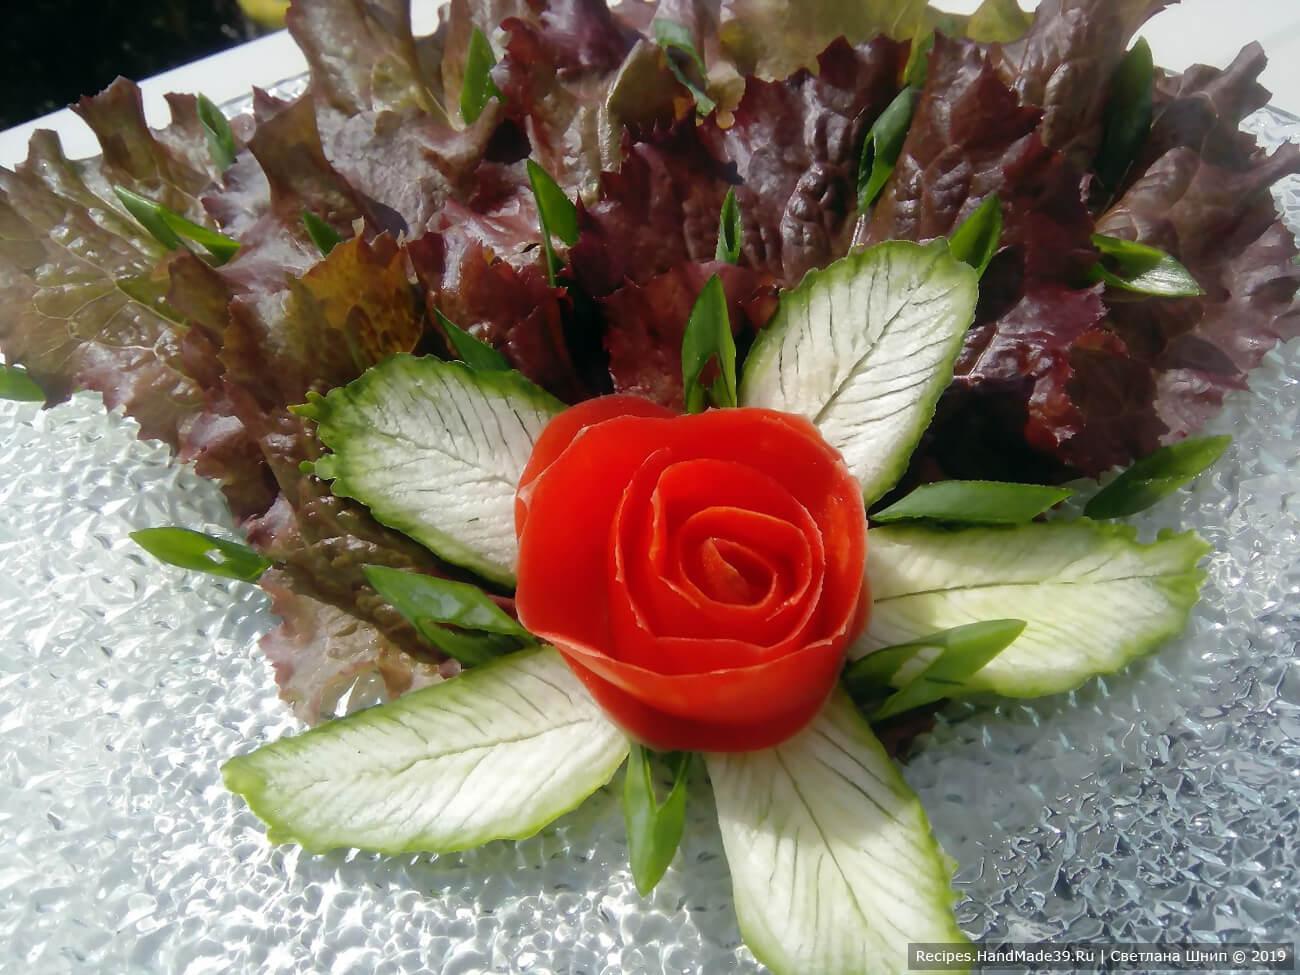 Срезать кожуру с огурца, сделать насечки, имитируя прожилки на листе. Выложить «листья» вокруг «розы», дополнить нарезанными наискосок перьями зелёного лука. Приятного аппетита!